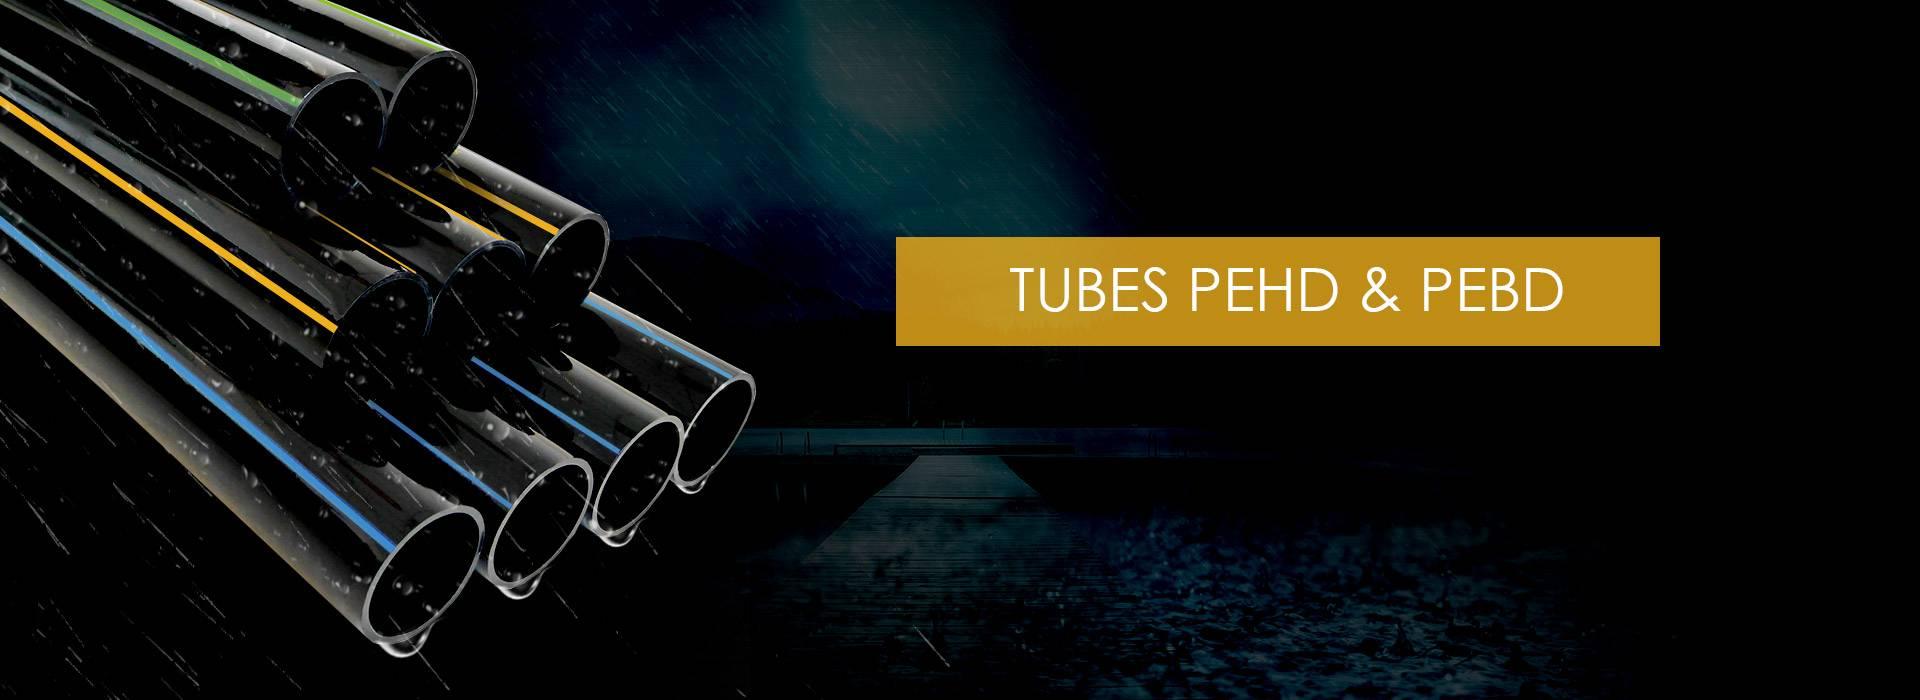 Tubes PEHD&PEBD